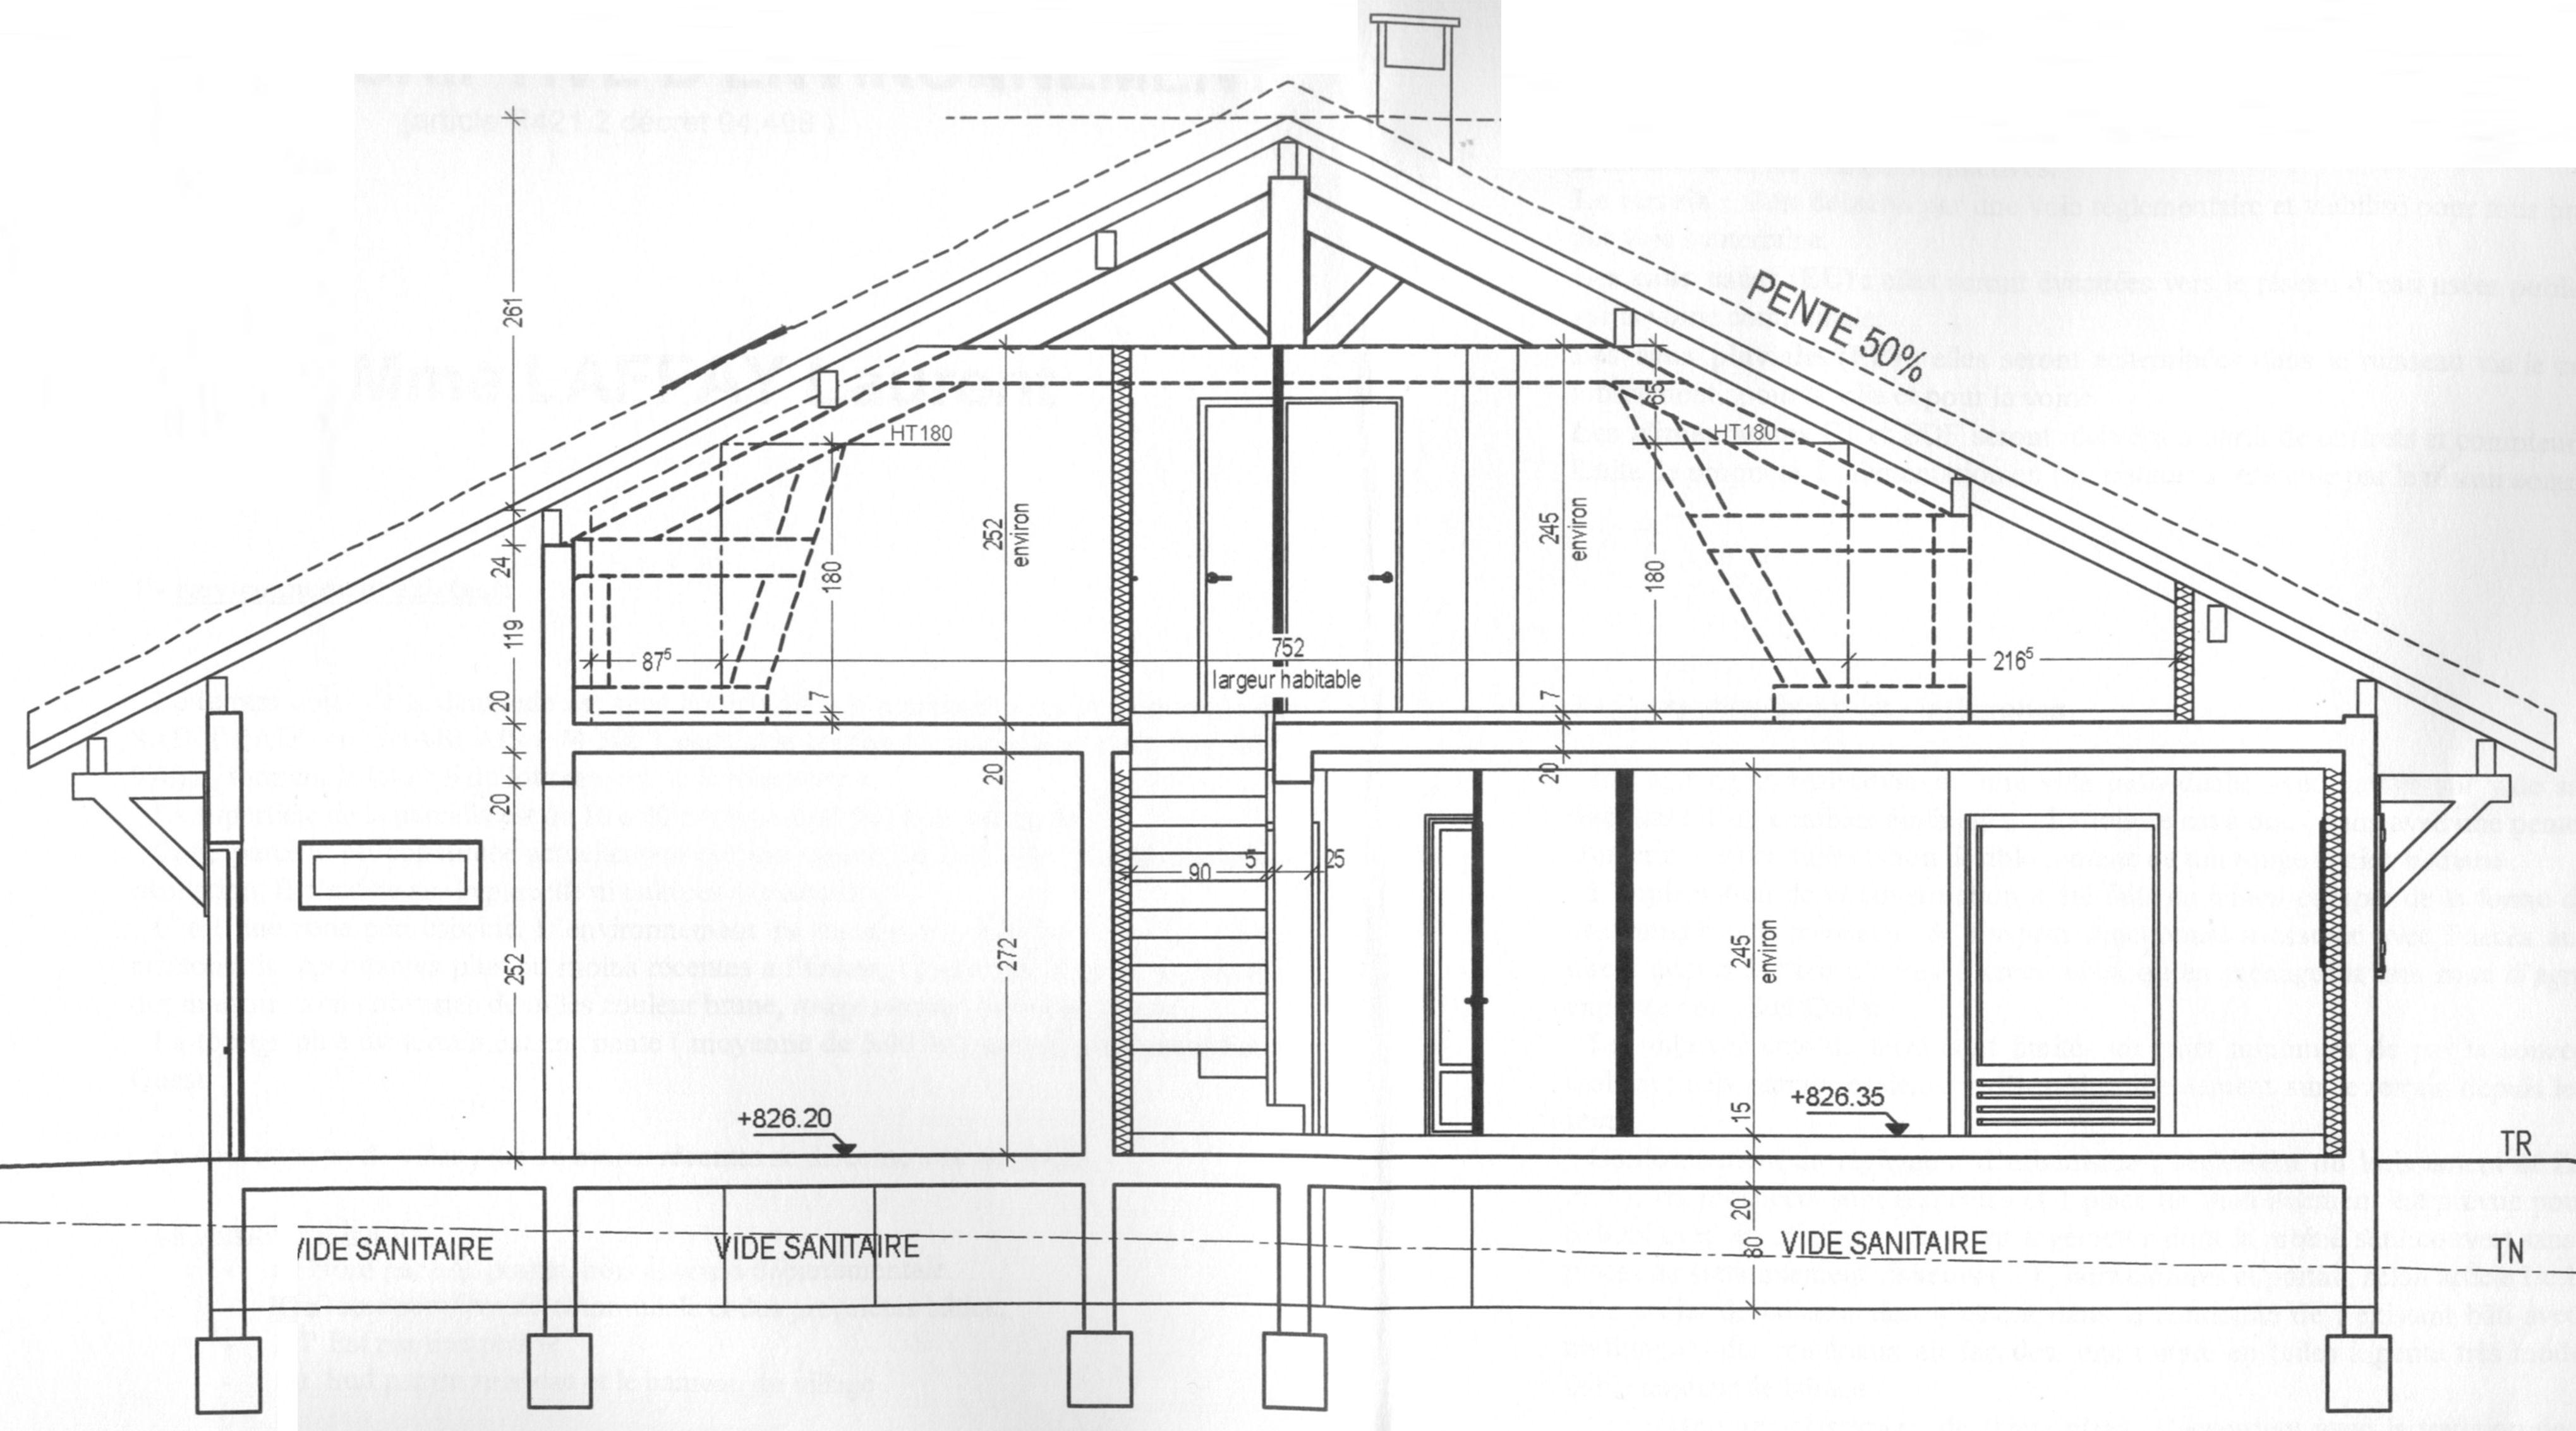 Coupe d 39 une maison - Plan de travail a la coupe ...